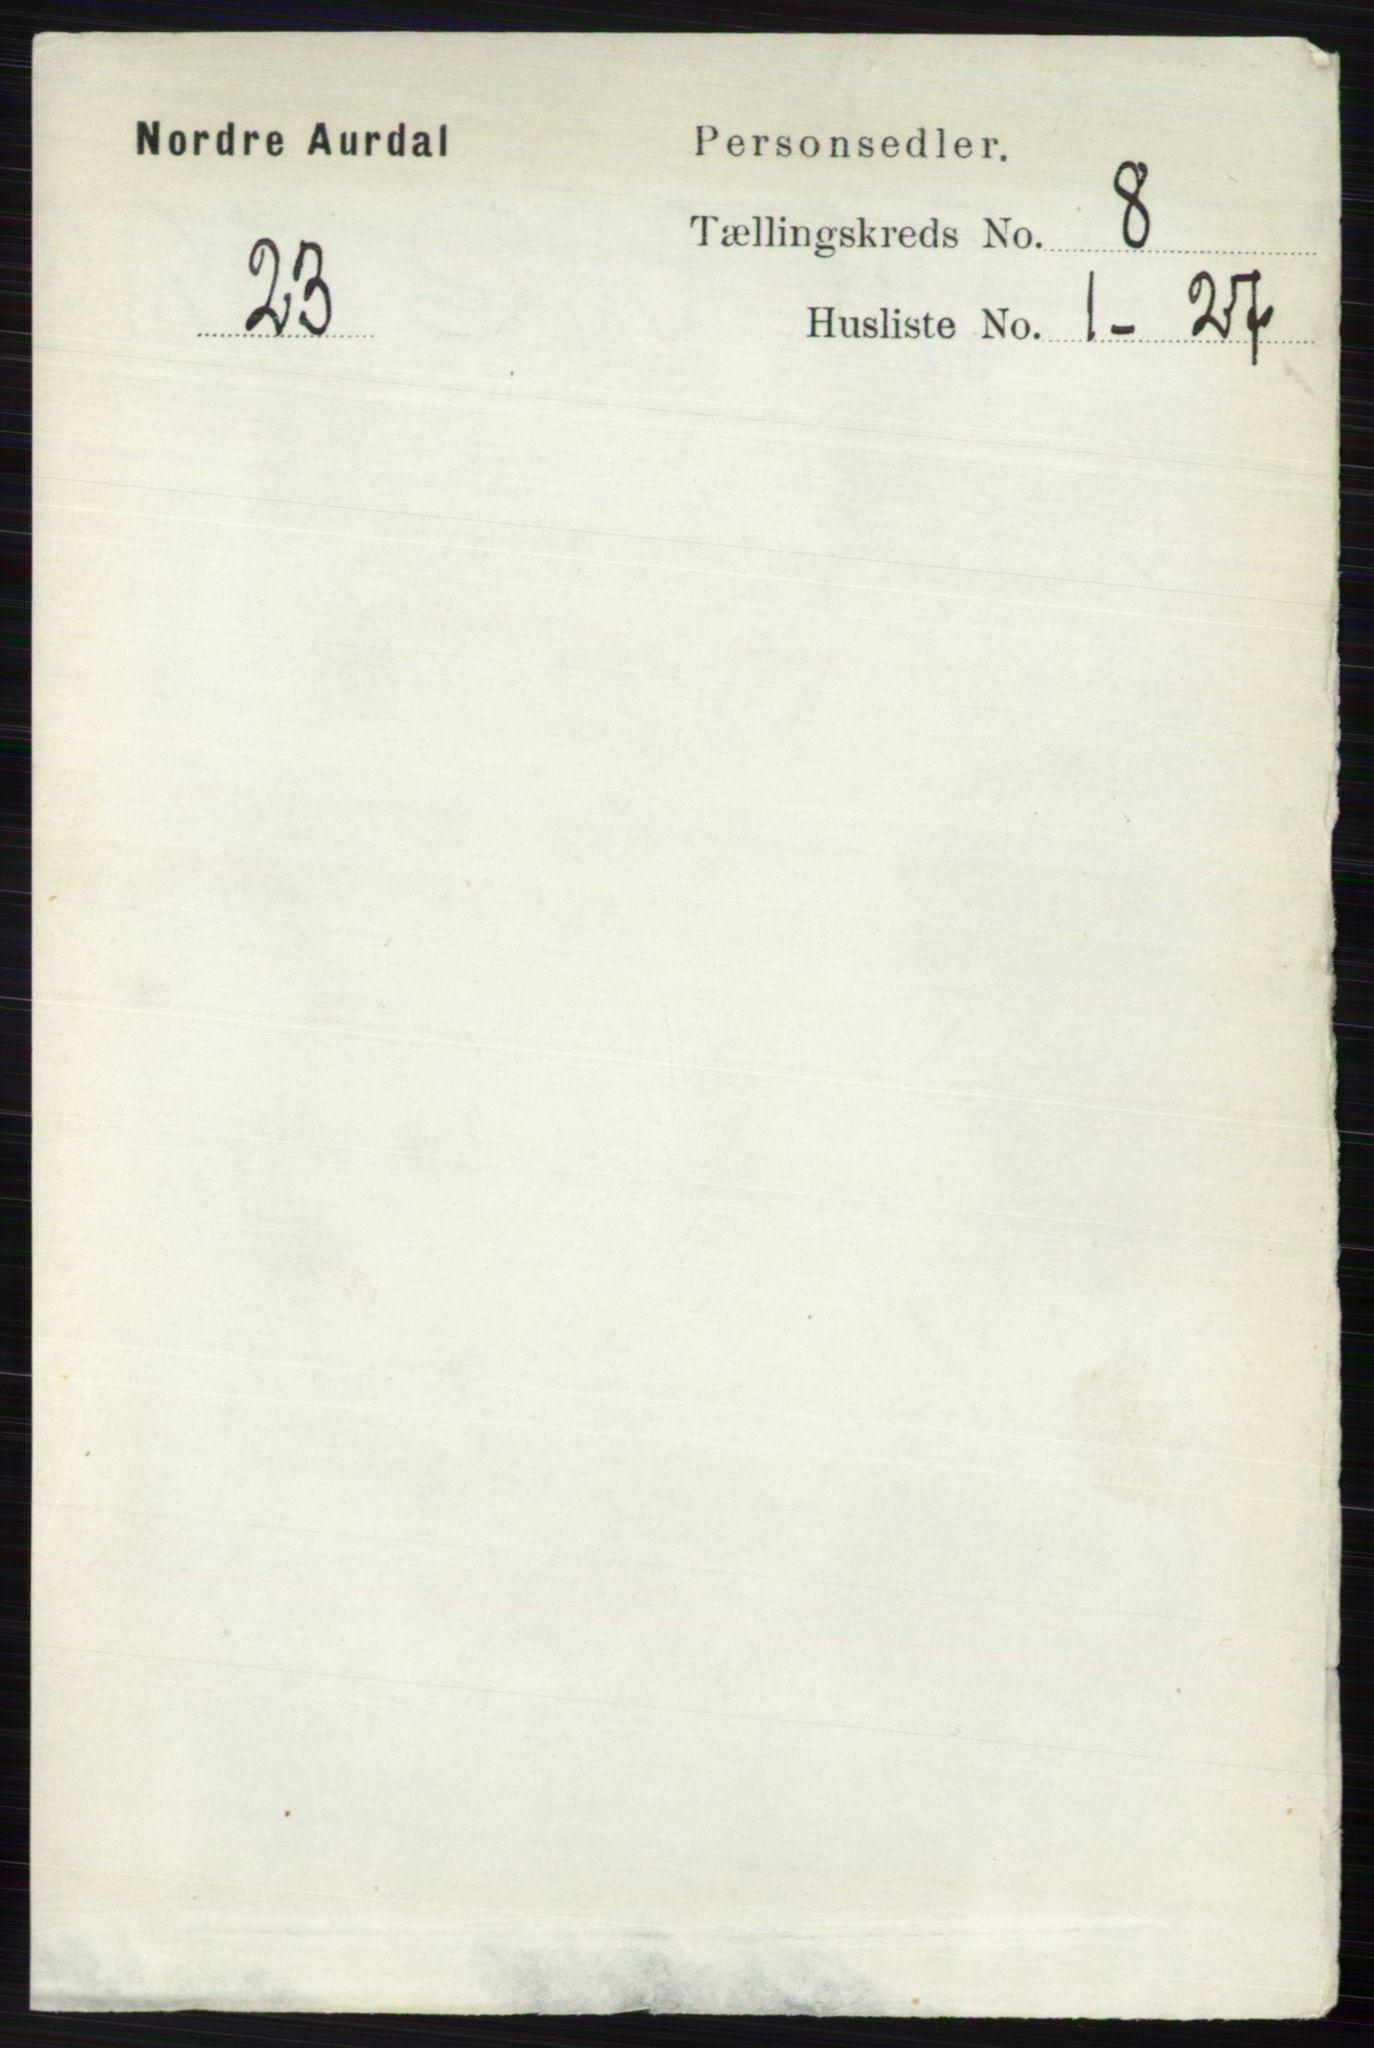 RA, Folketelling 1891 for 0542 Nord-Aurdal herred, 1891, s. 2798